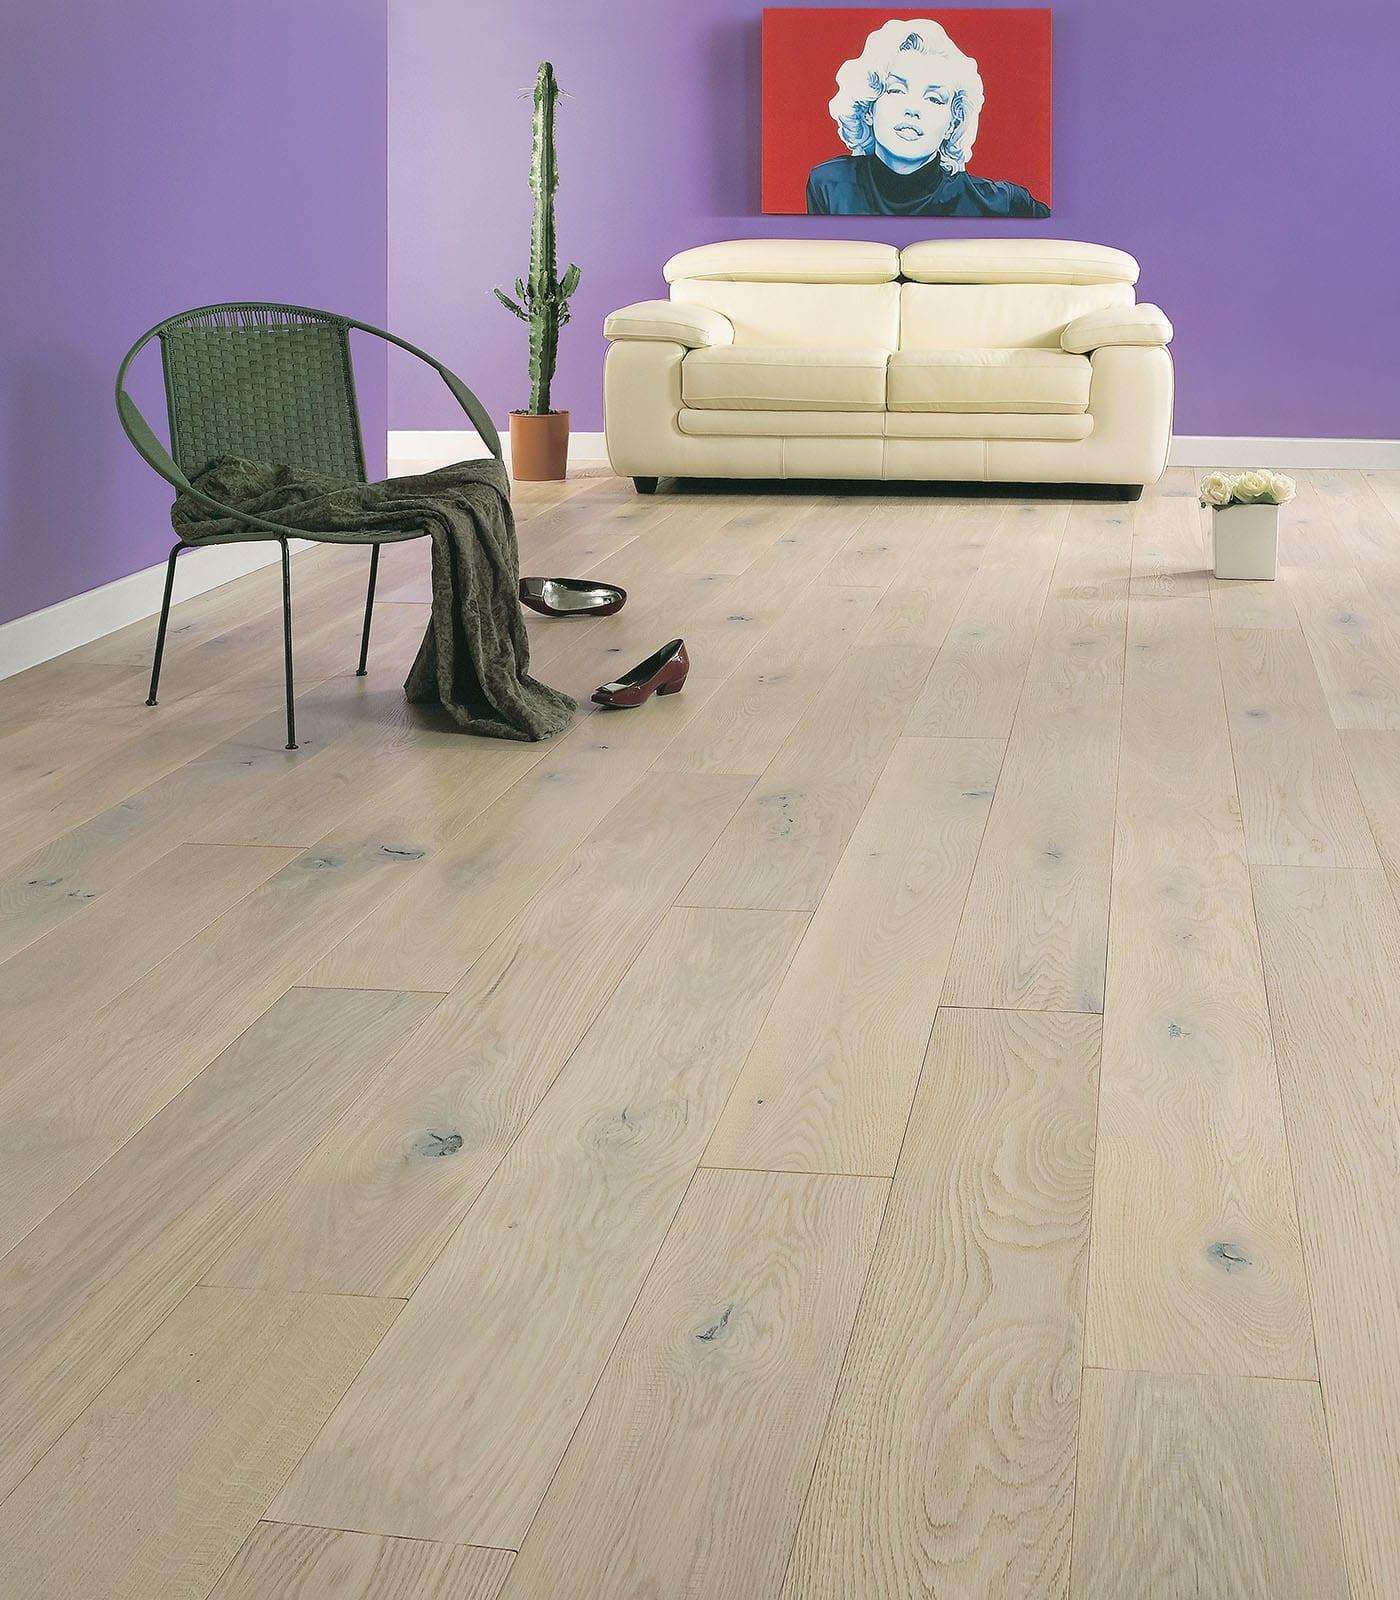 Ellsworth-European engineered Oak floors